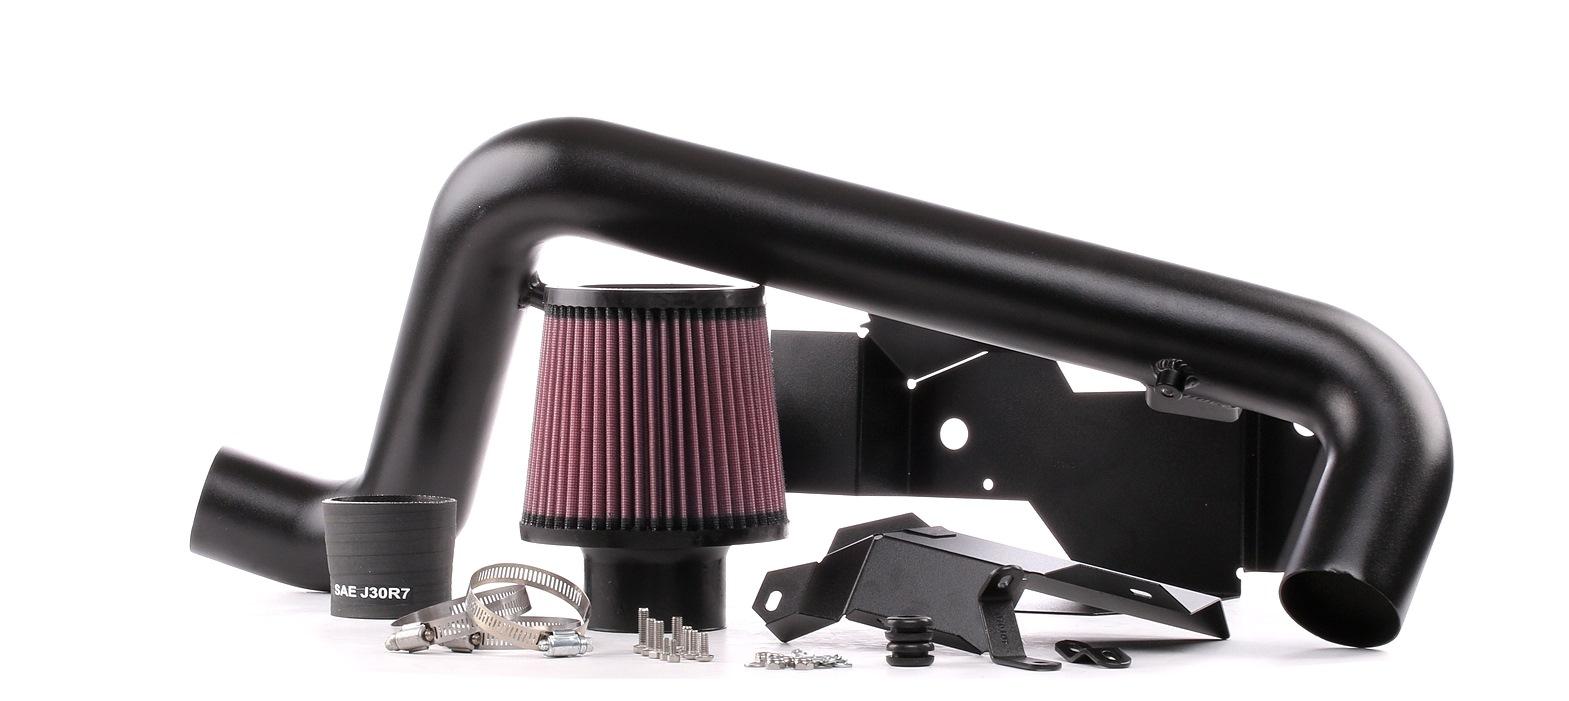 Sistema filtro aire deportivo 69-9503TFK comprar ¡24 horas al día